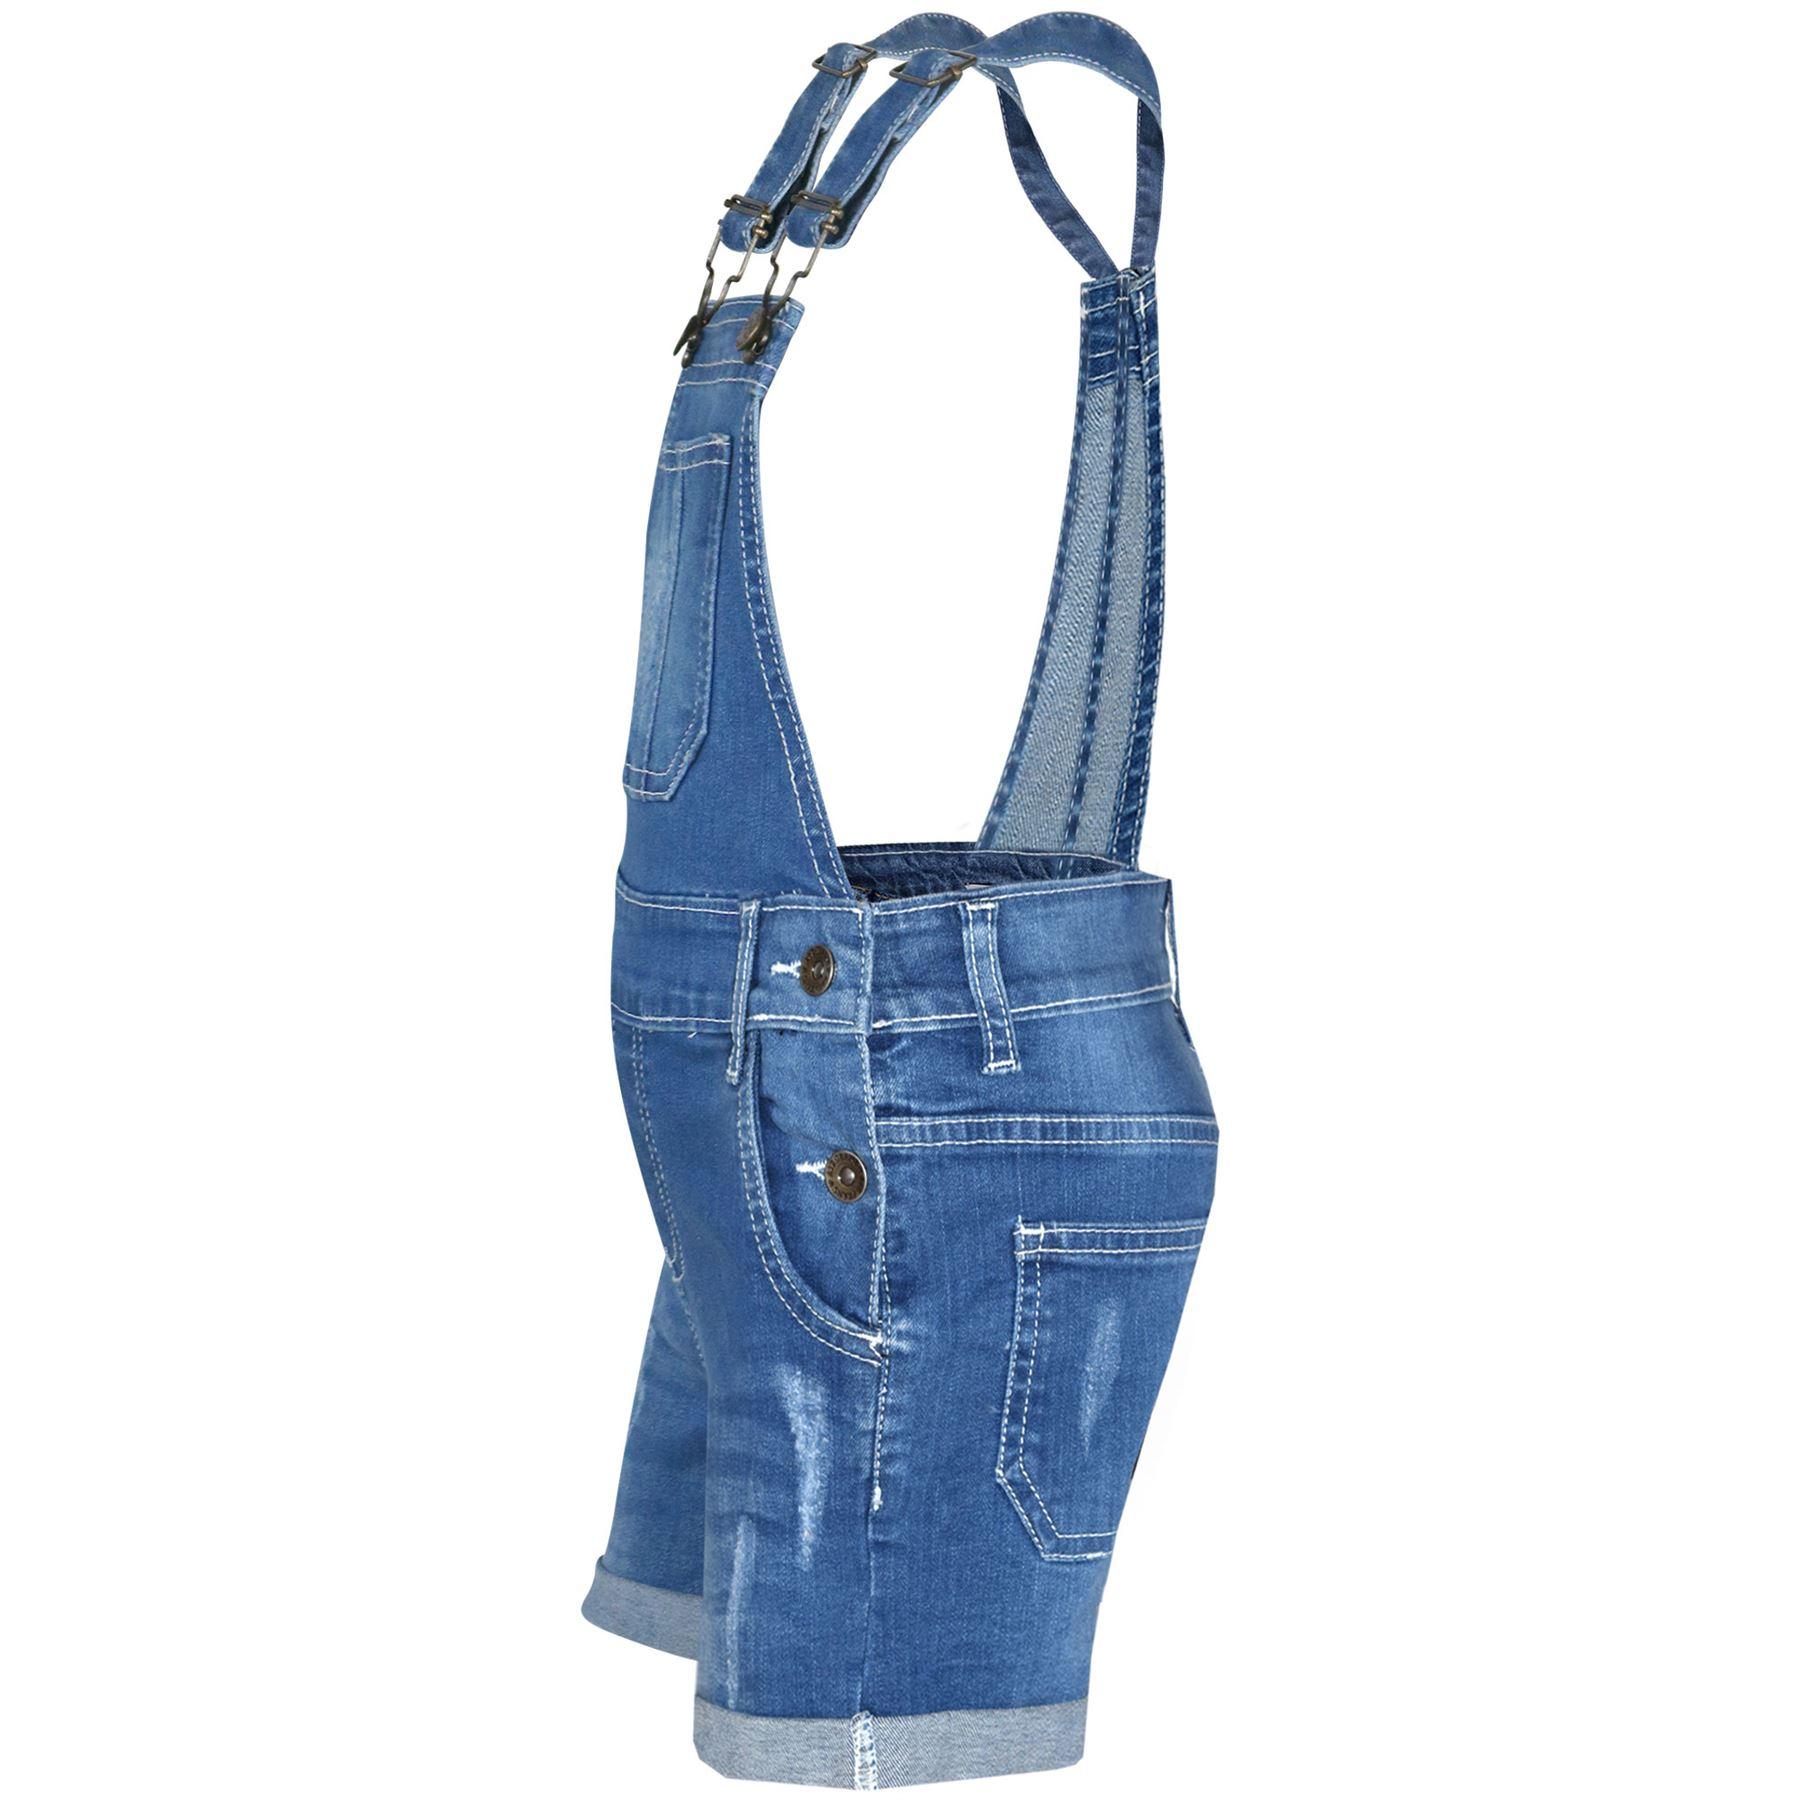 Indexbild 14 - Kinder Mädchen Latzhose Shorts Denim Gerippt Stretch Jeans Overall 5-13 Jahr